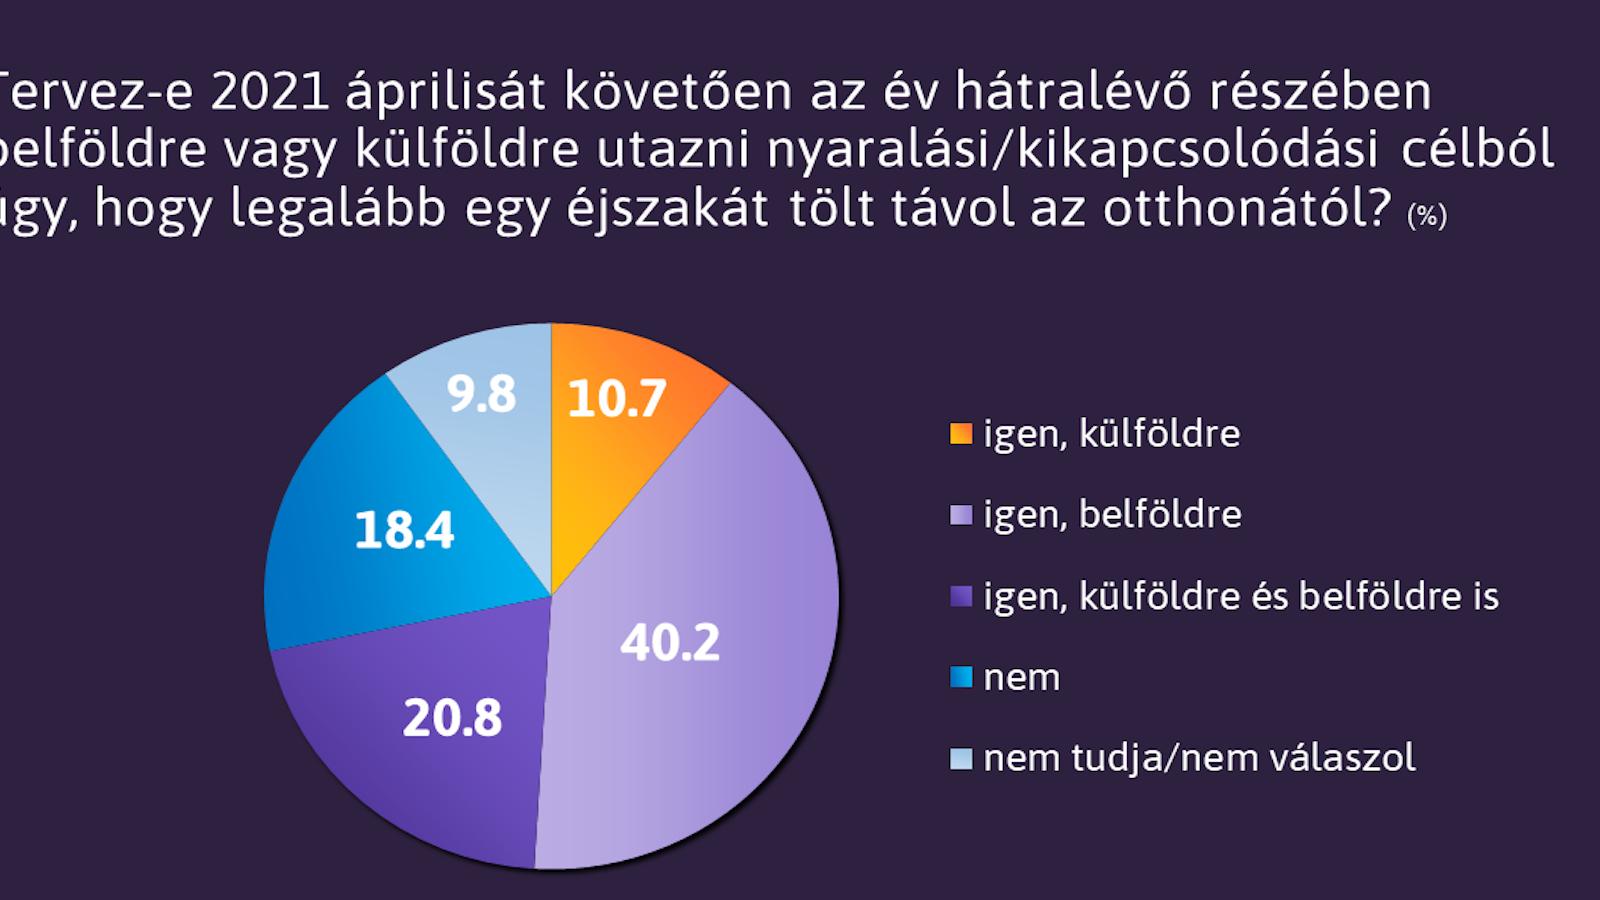 Megosztottak a magyarok az Iparkamara javaslatával kapcsolatban